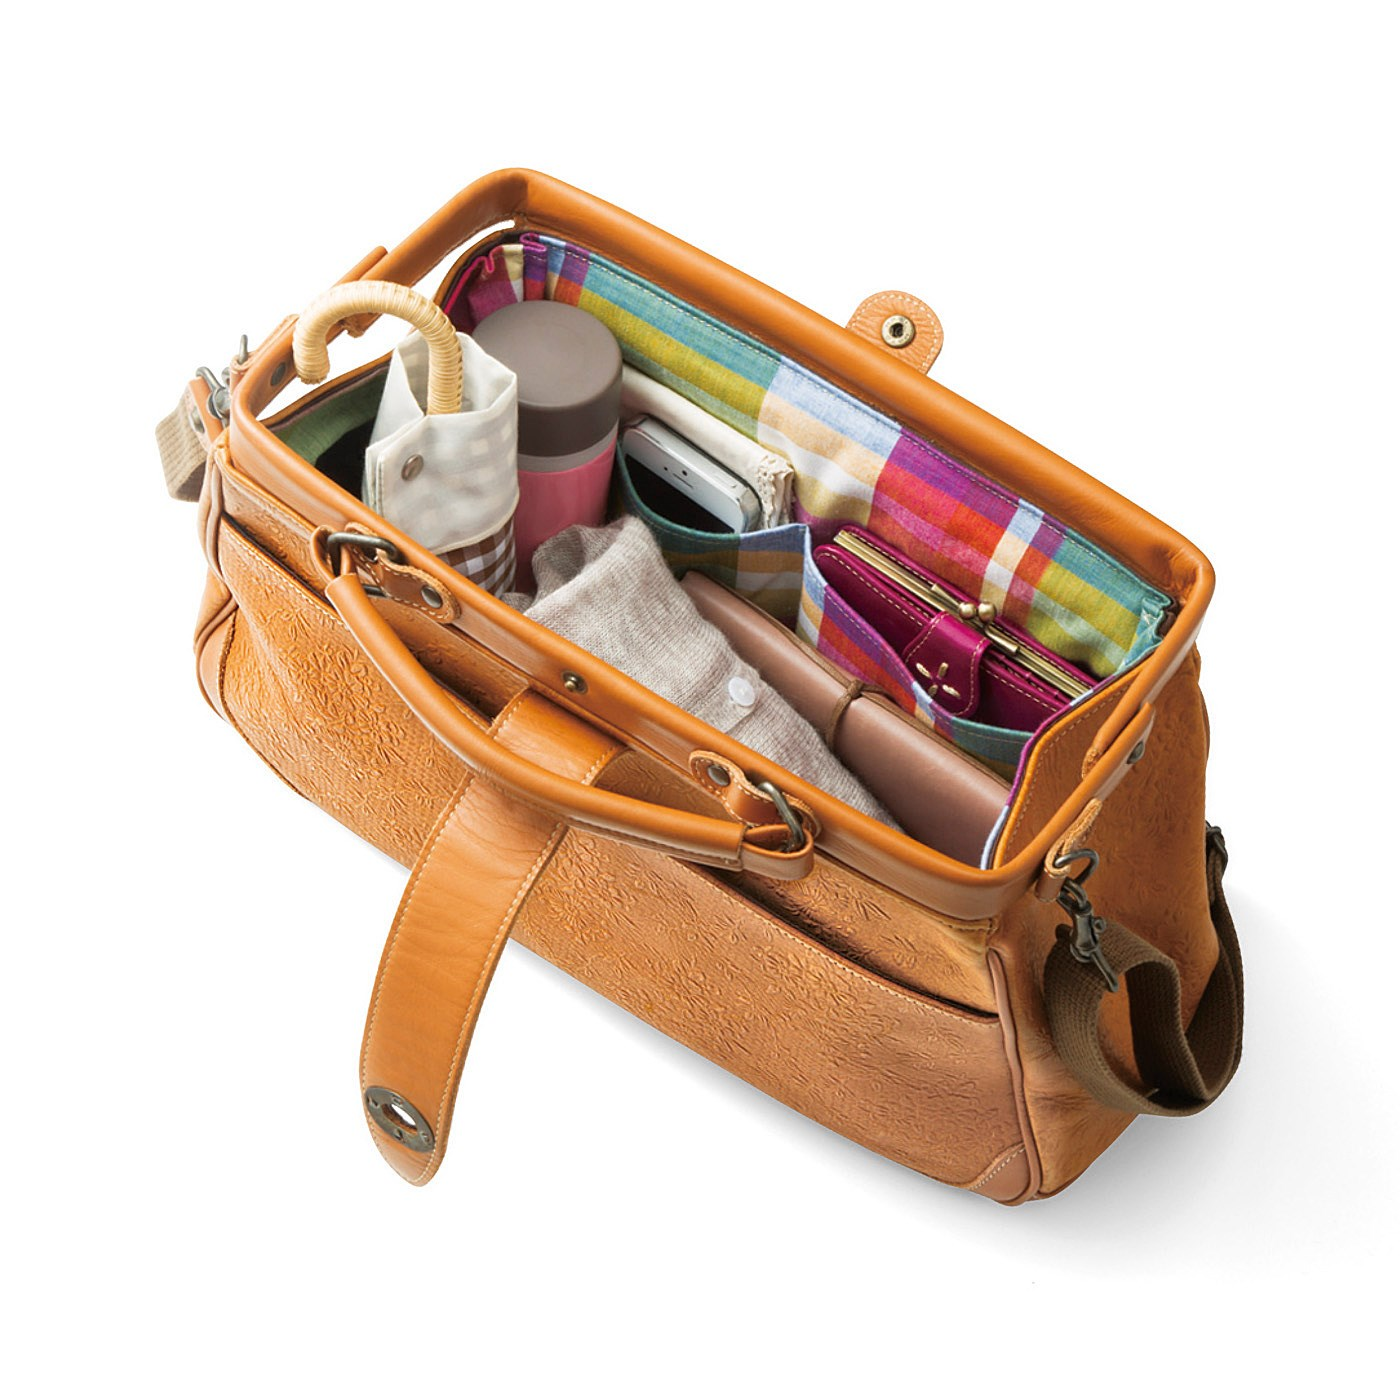 がばっと開いて収納たっぷり。ポケットも充実で小物もすっきり整理できます。1泊くらいの旅行にもぴったりのサイズです。